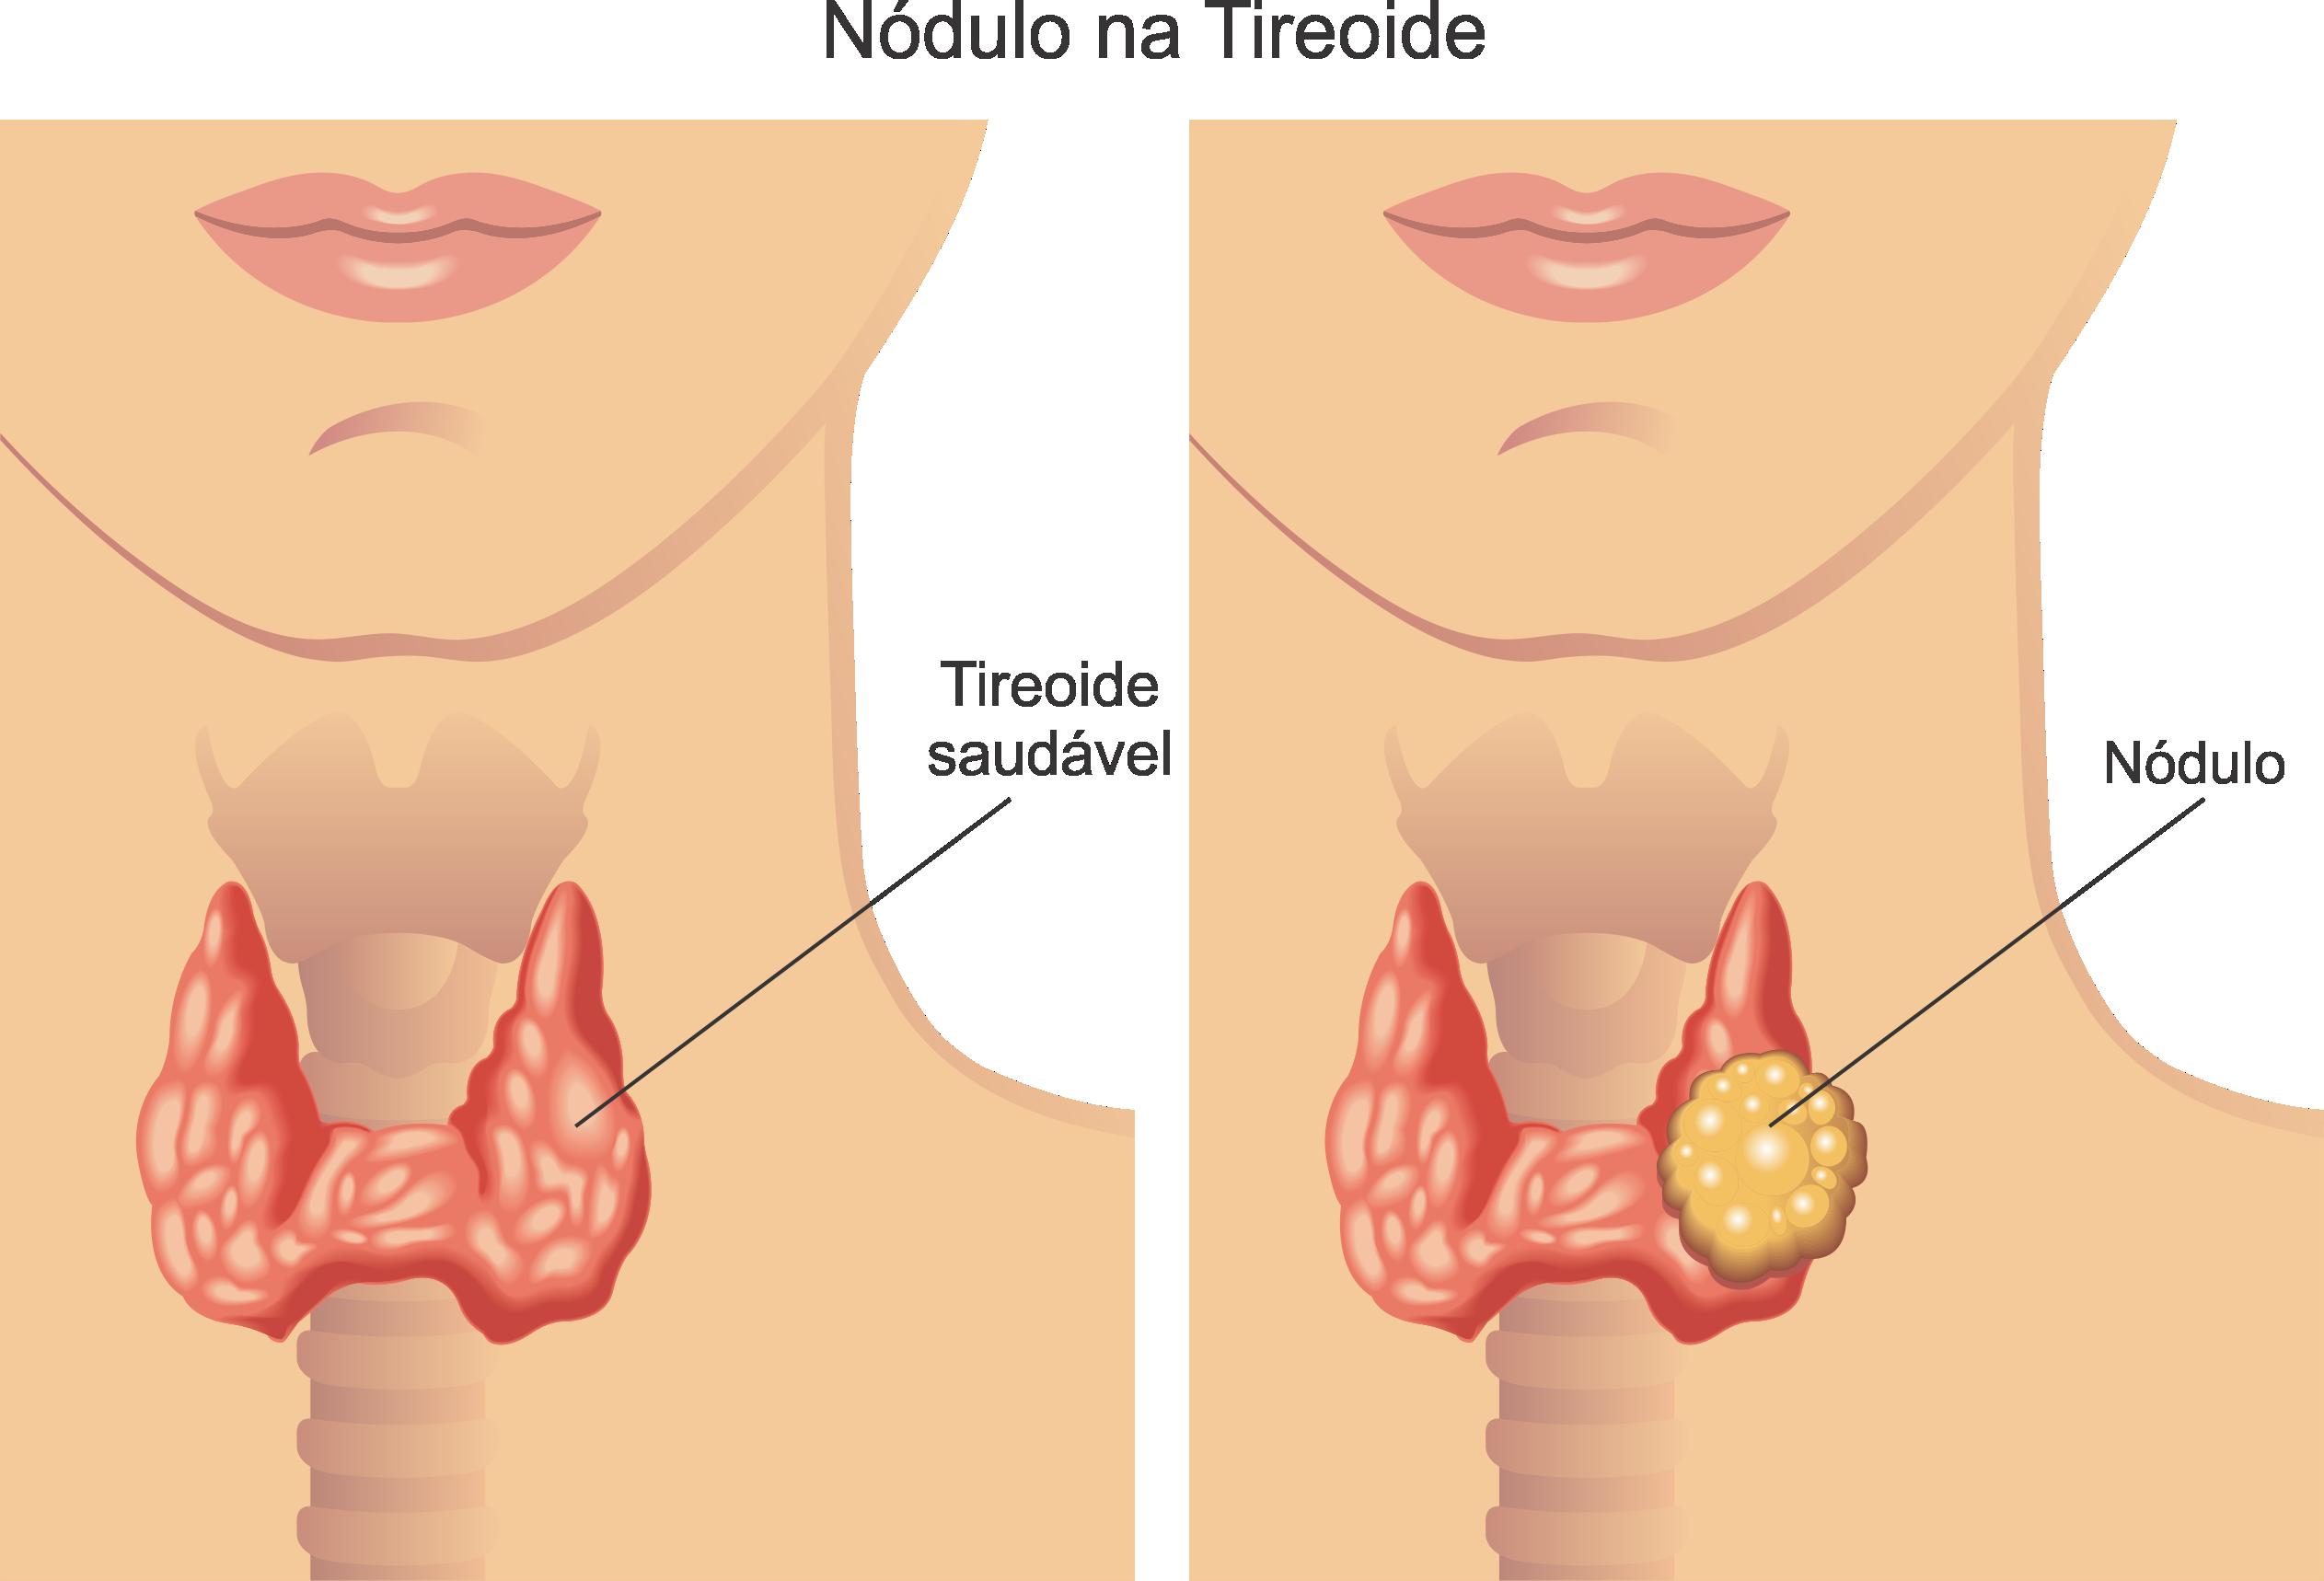 nodulo na tireoide